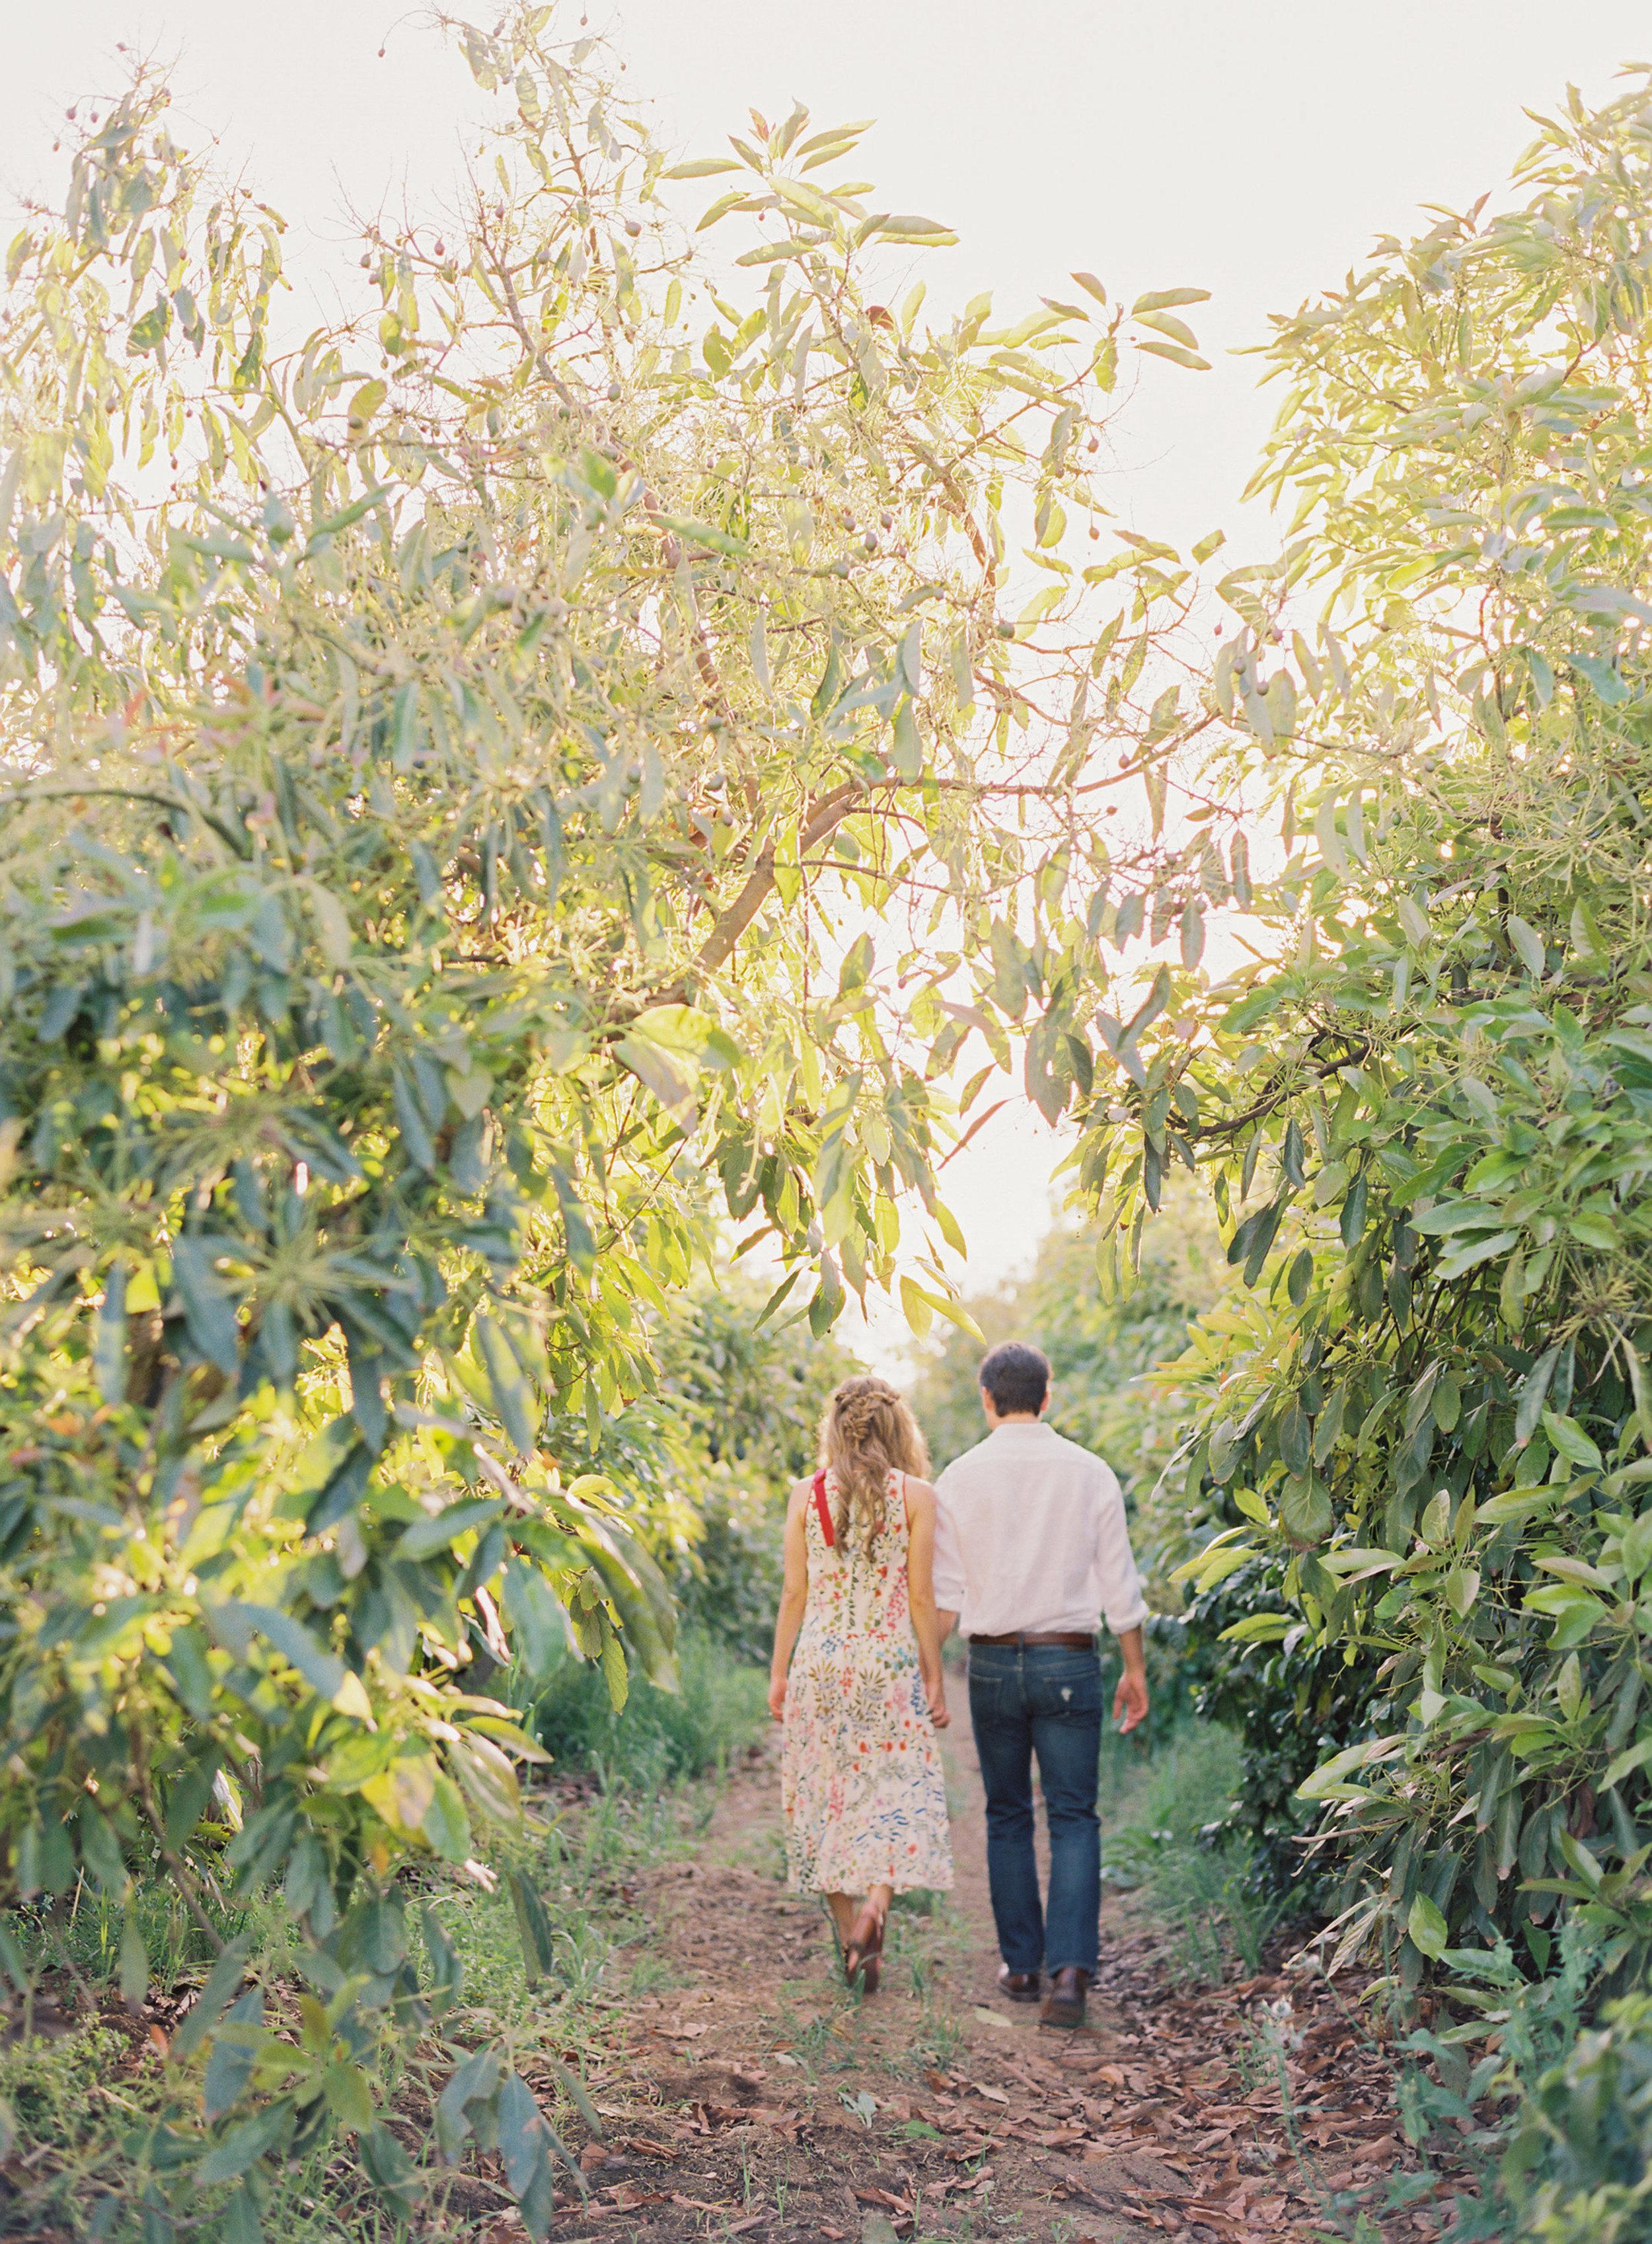 JL-Engagement-Carpinteria-73-Jen-Huang-009924-R1-014.jpg